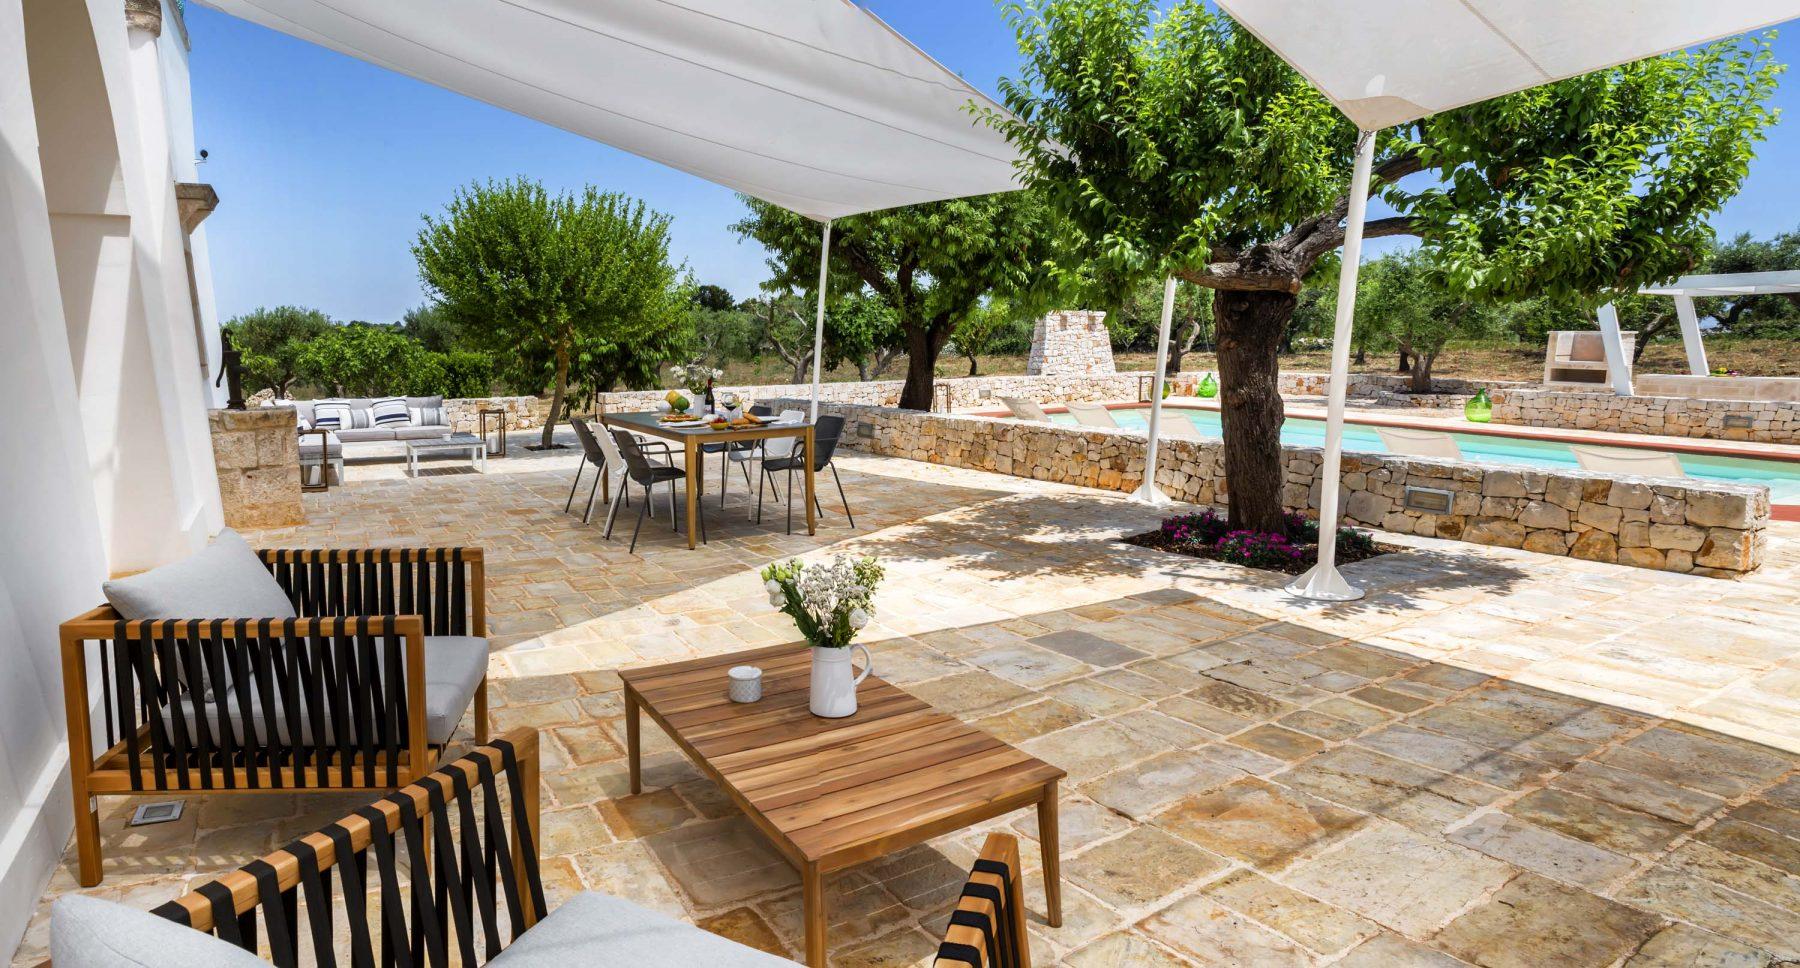 image 4 - outdoor - Dimora dei Gelsi Alberobello Puglia